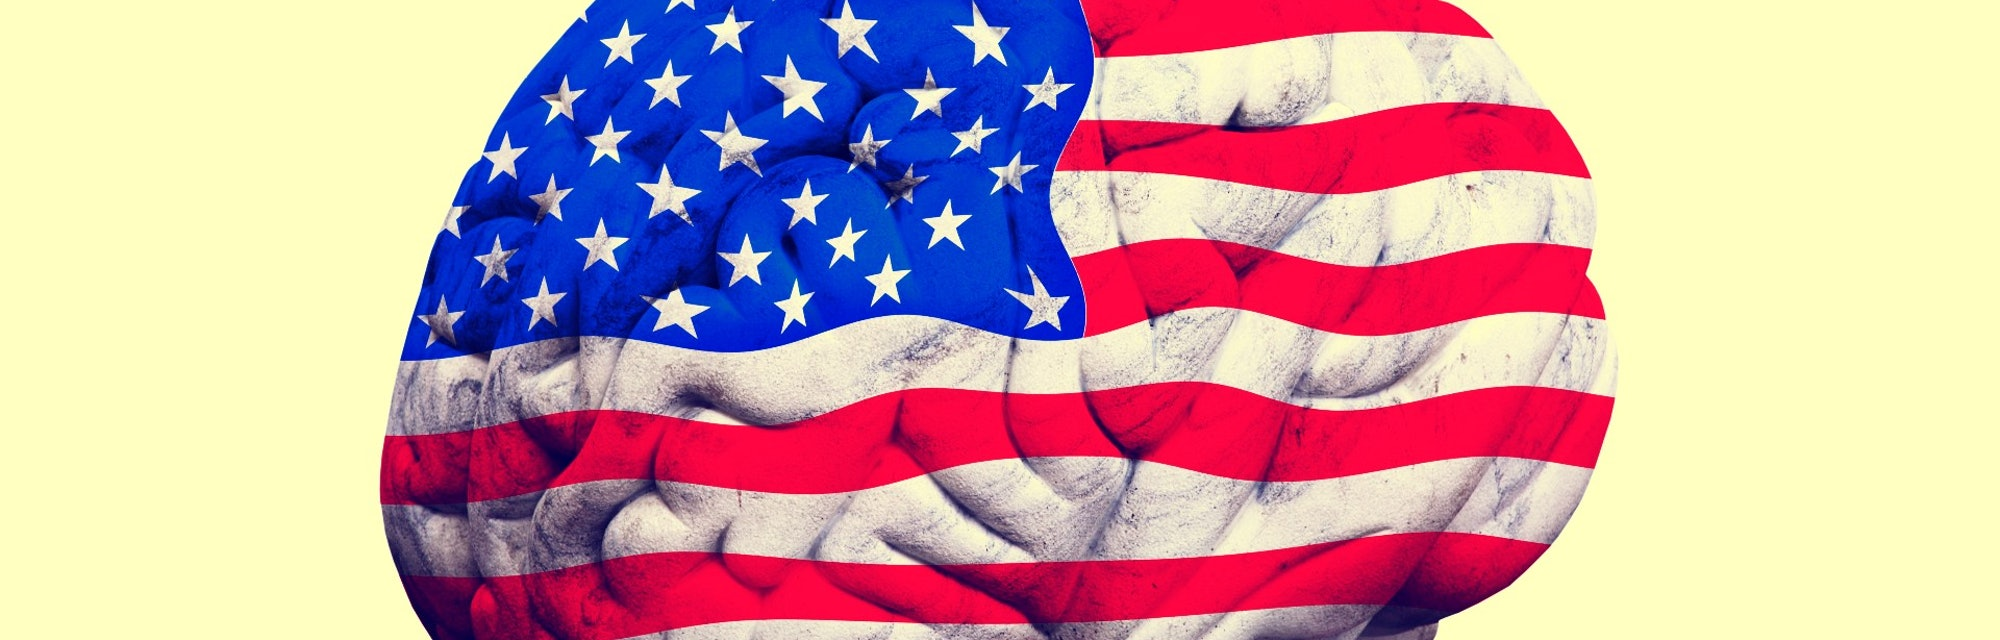 politics, United States, brain